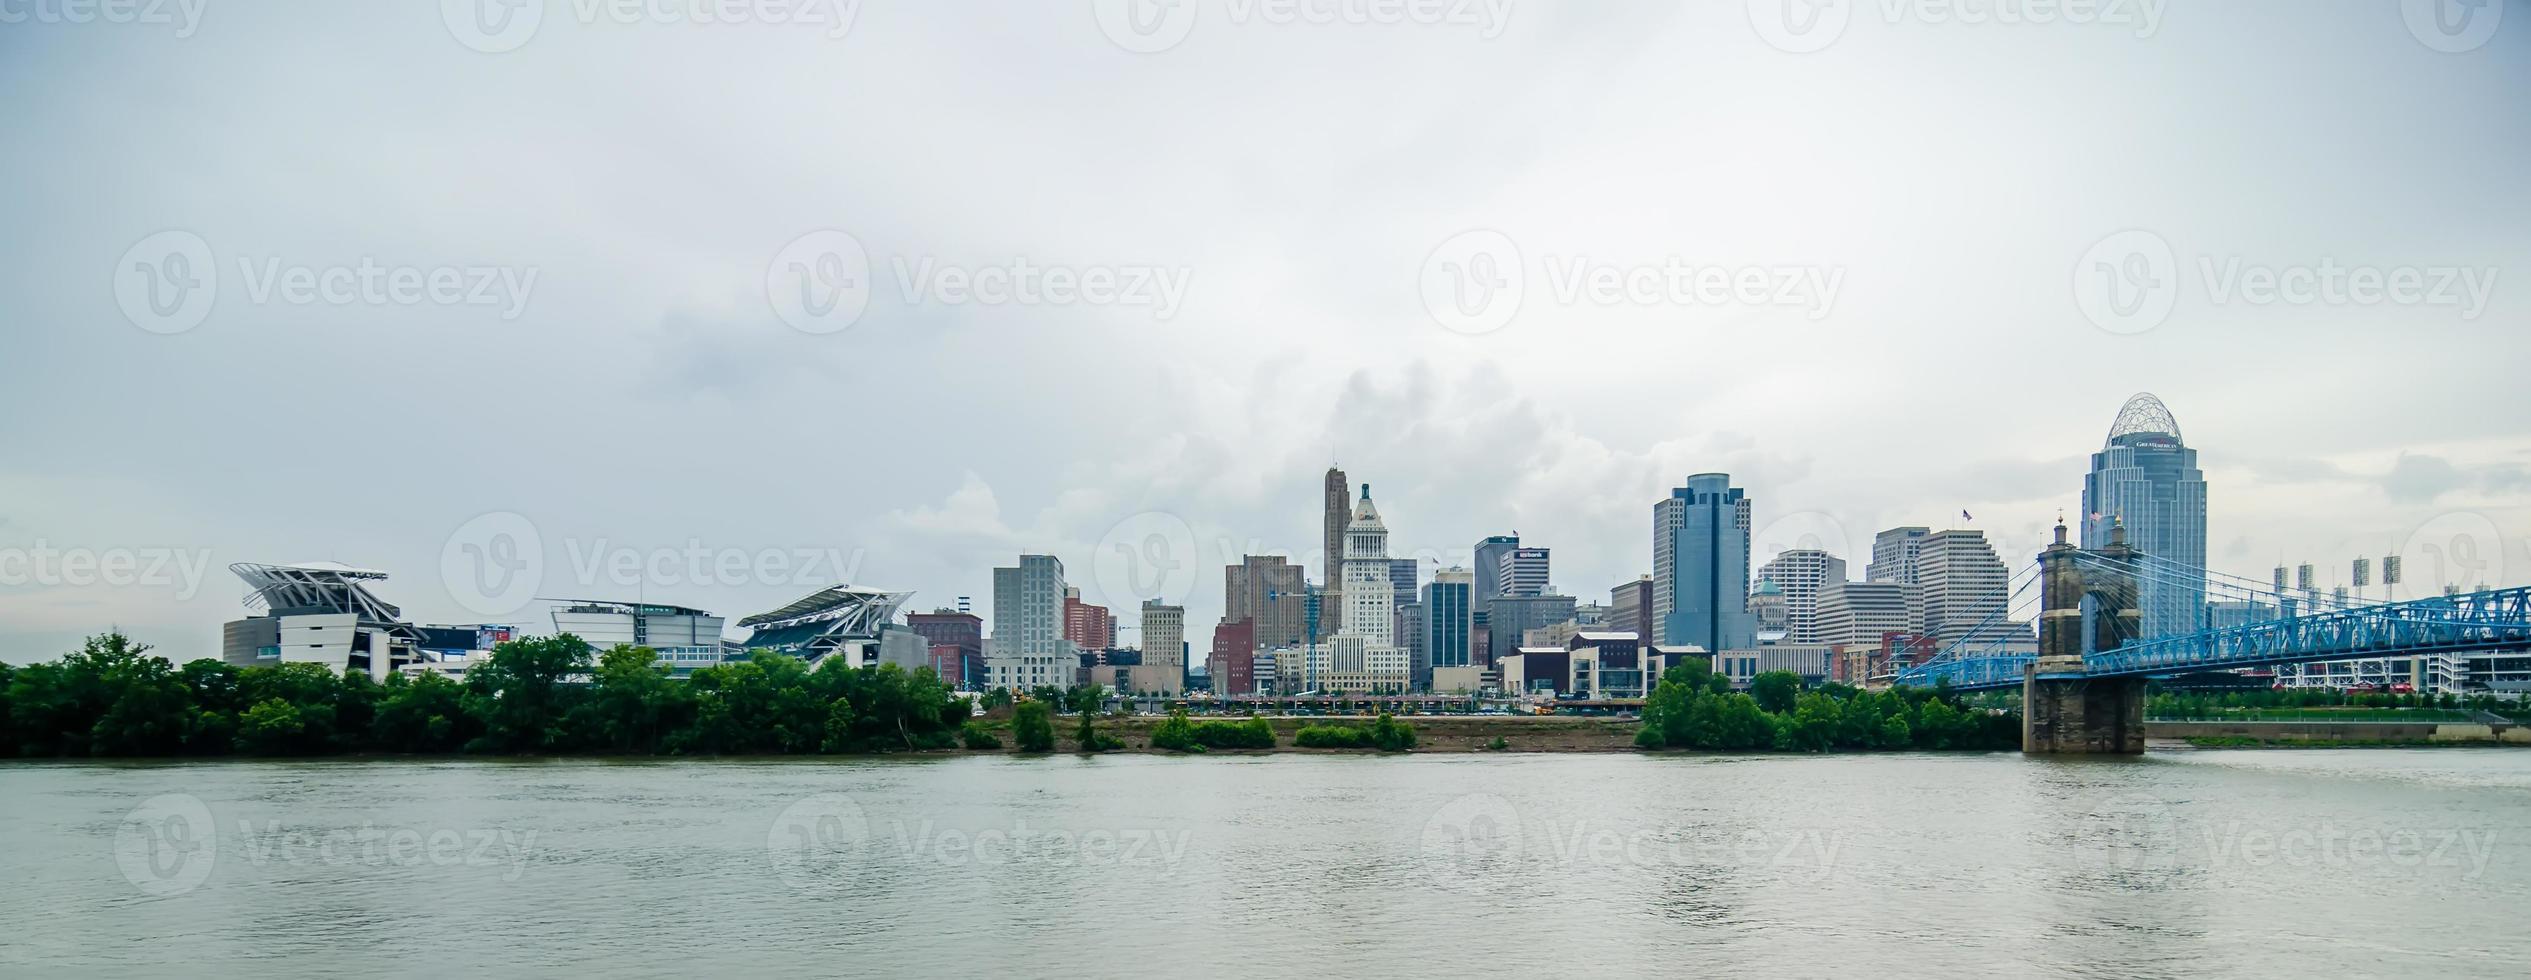 skyline de cincinnati e histórico john a. ponte suspensa de roebling foto